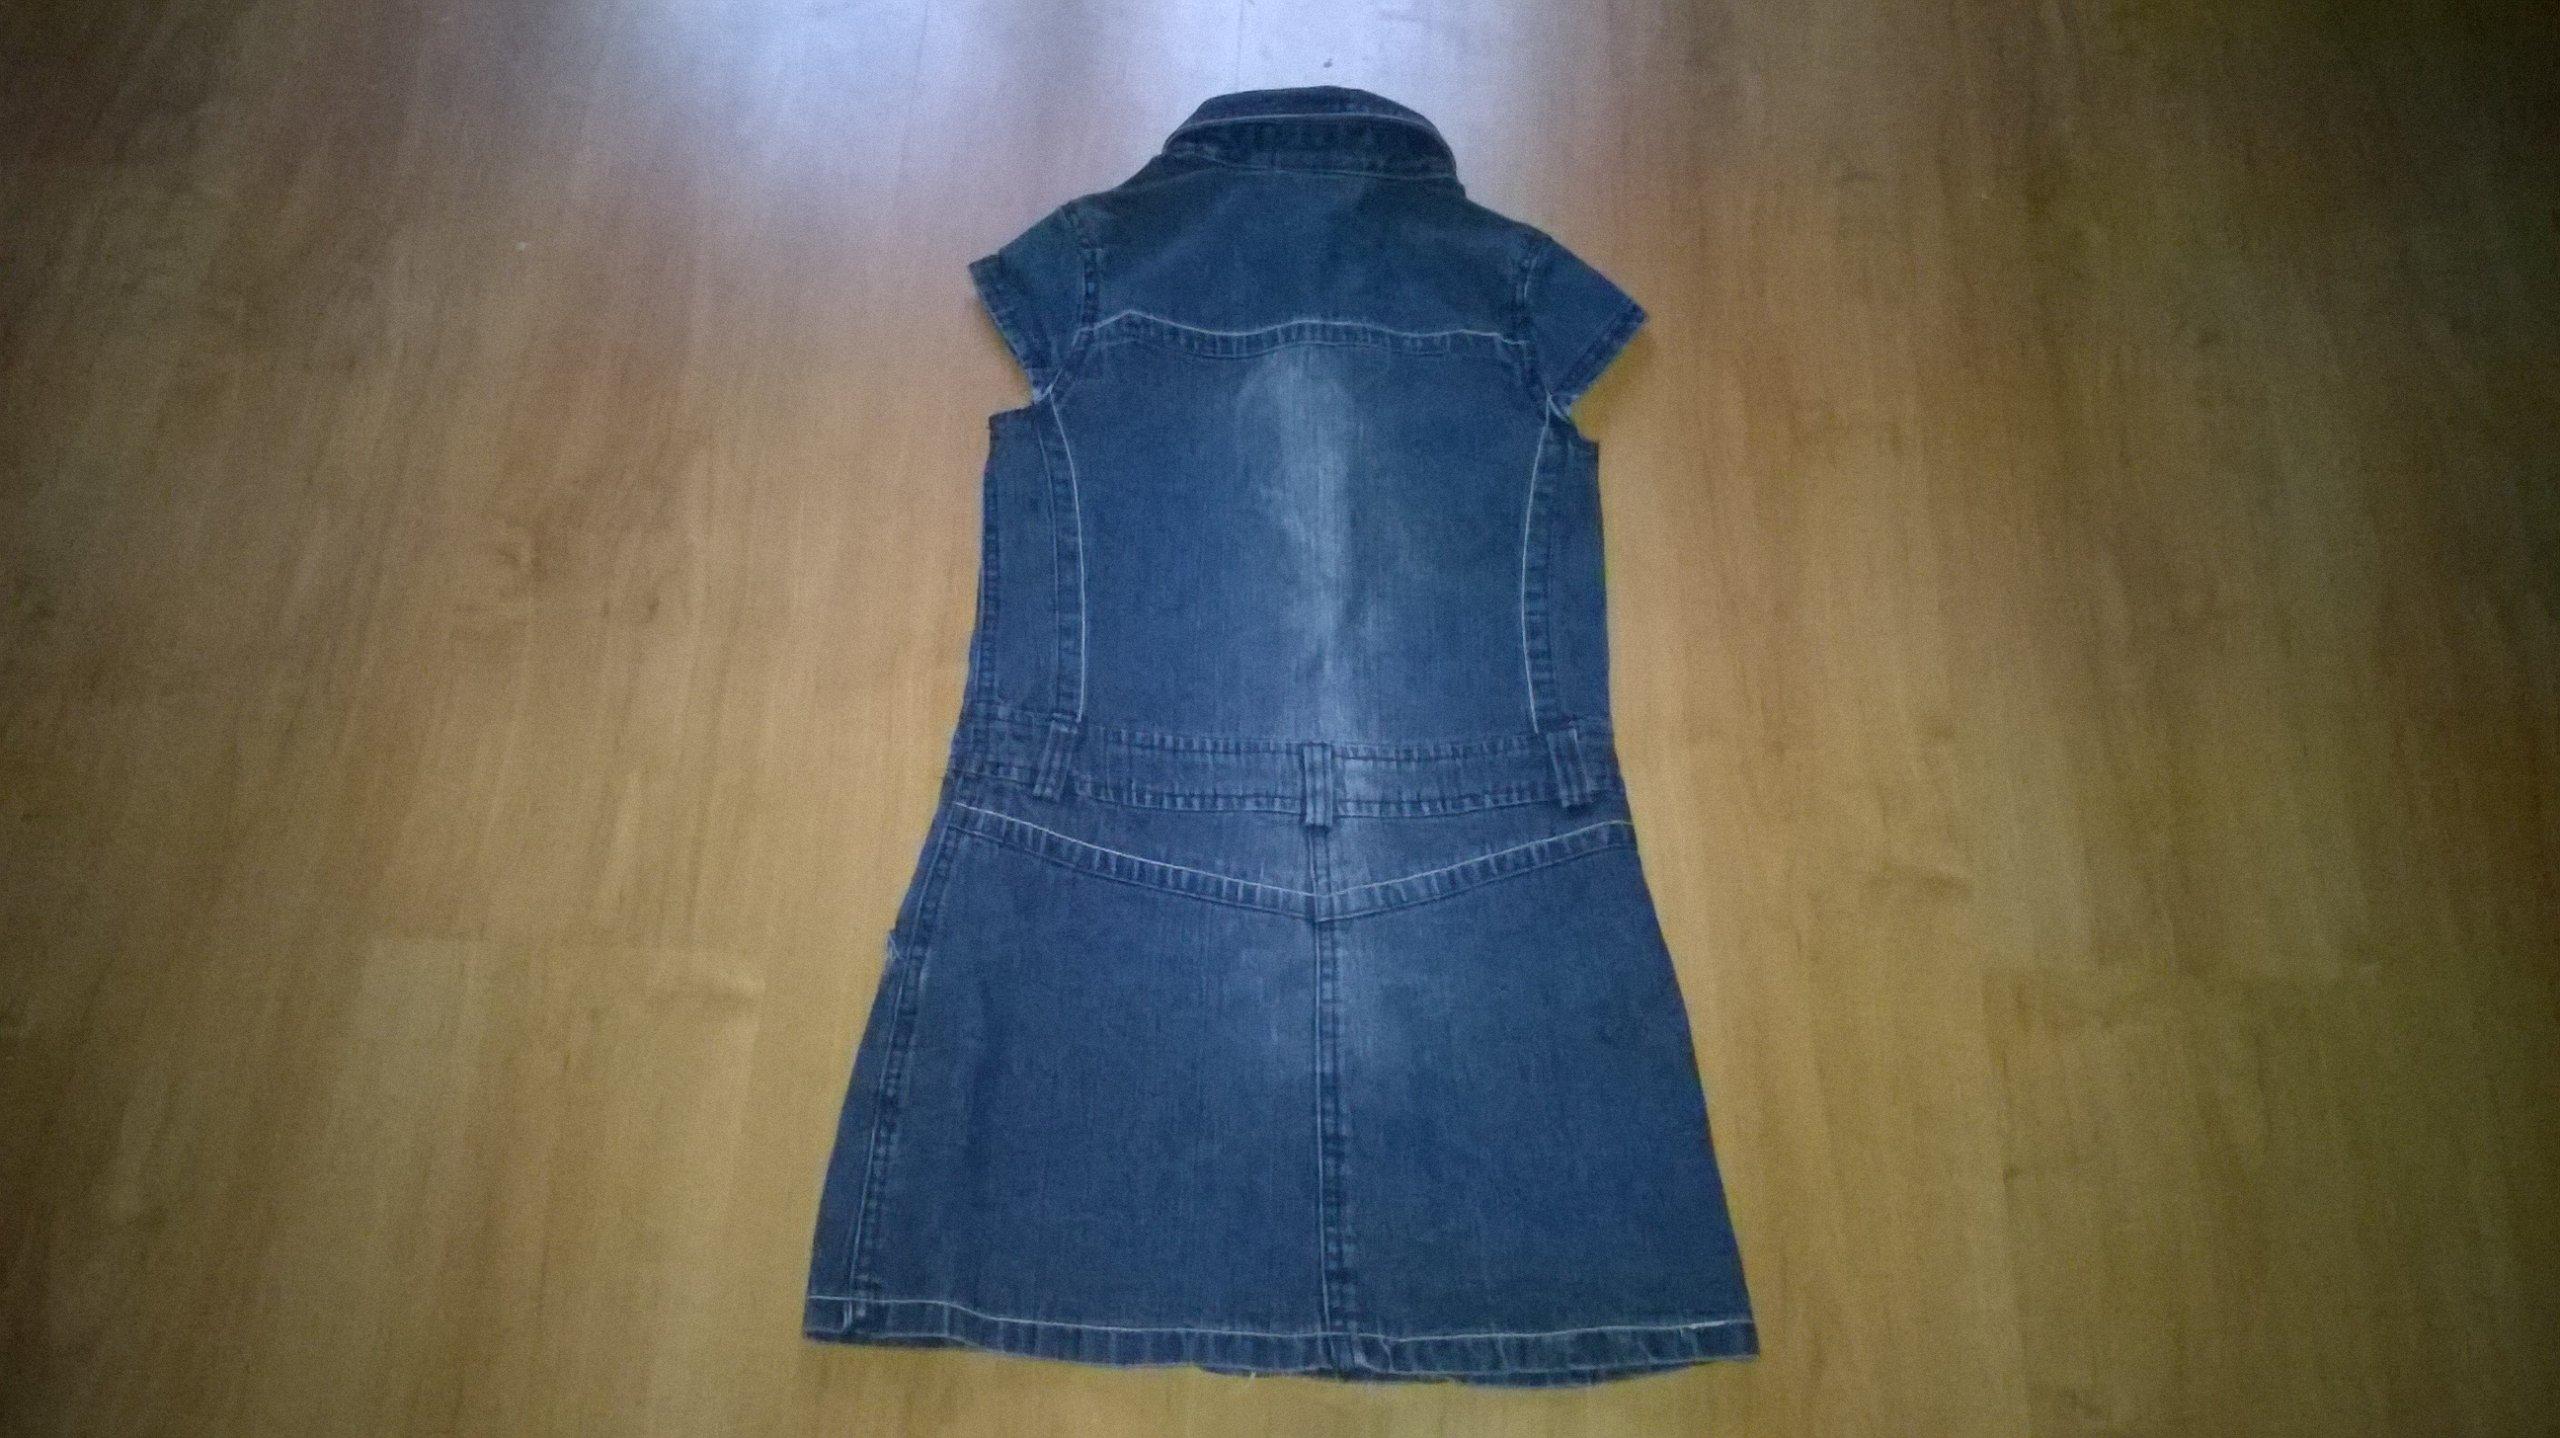 92a7ac0a3b sukienka dzinsowa dla dziewczyny rozm 134 - 7160954127 - oficjalne ...